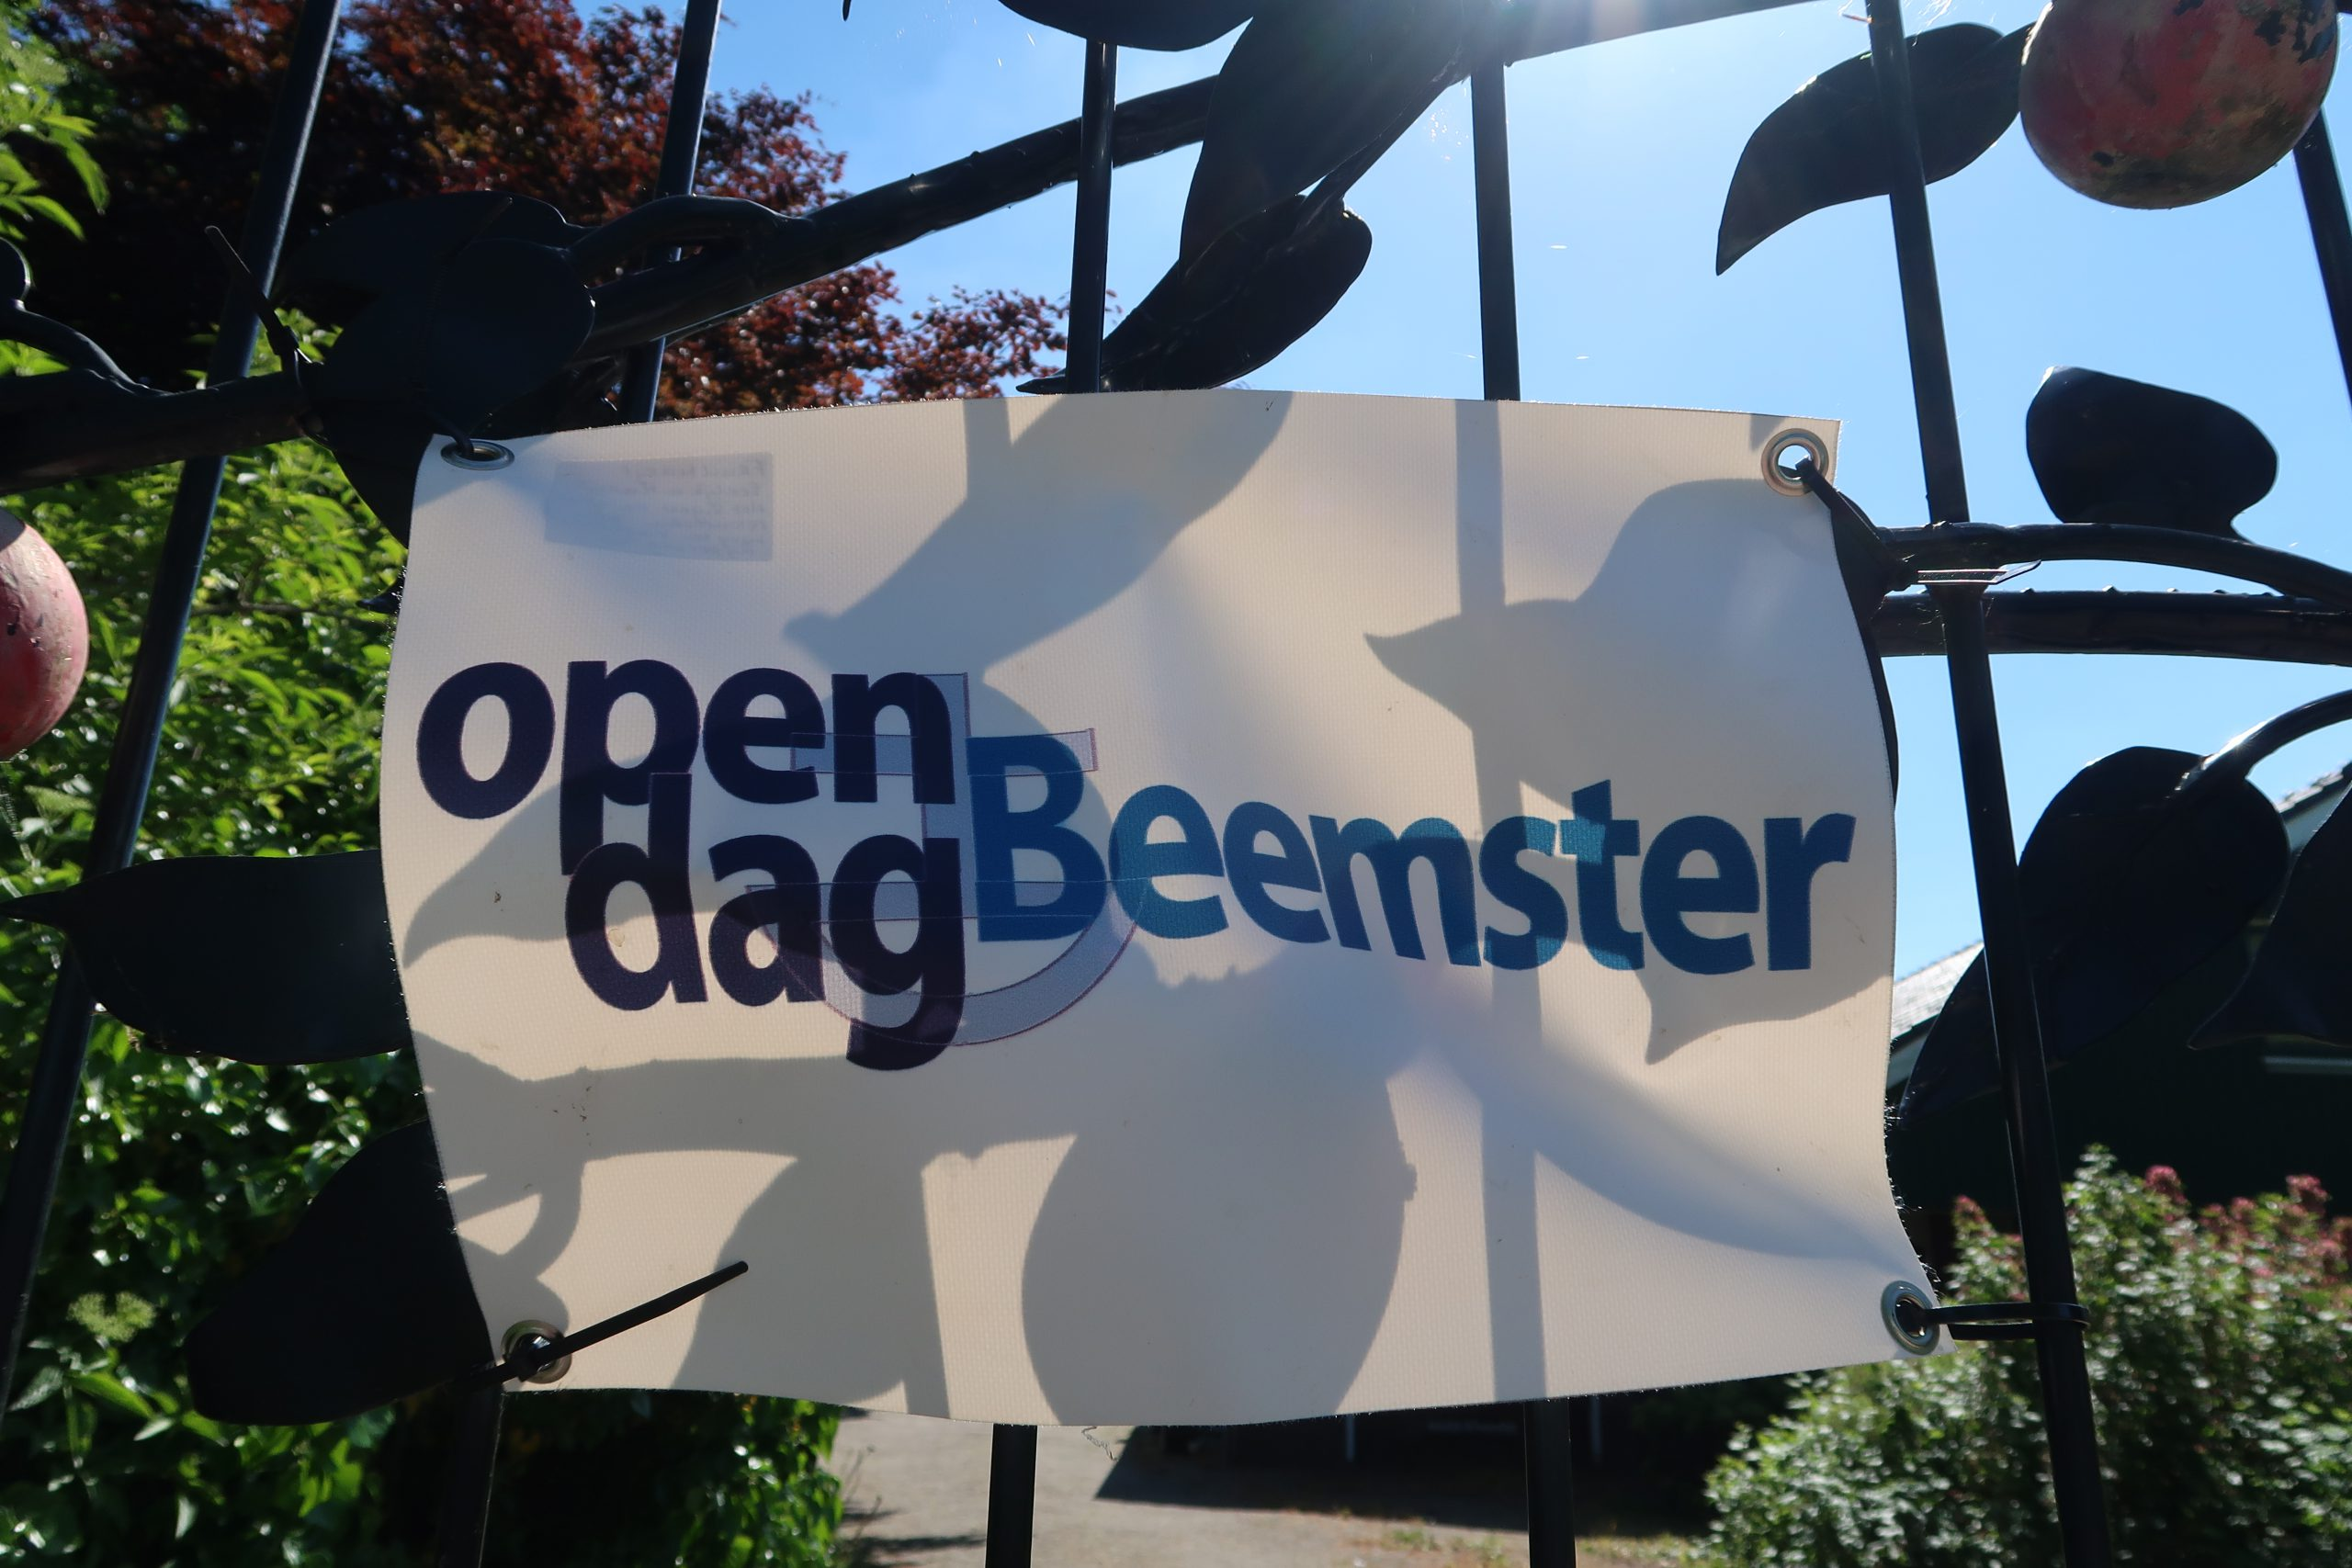 Open Dag Beemster